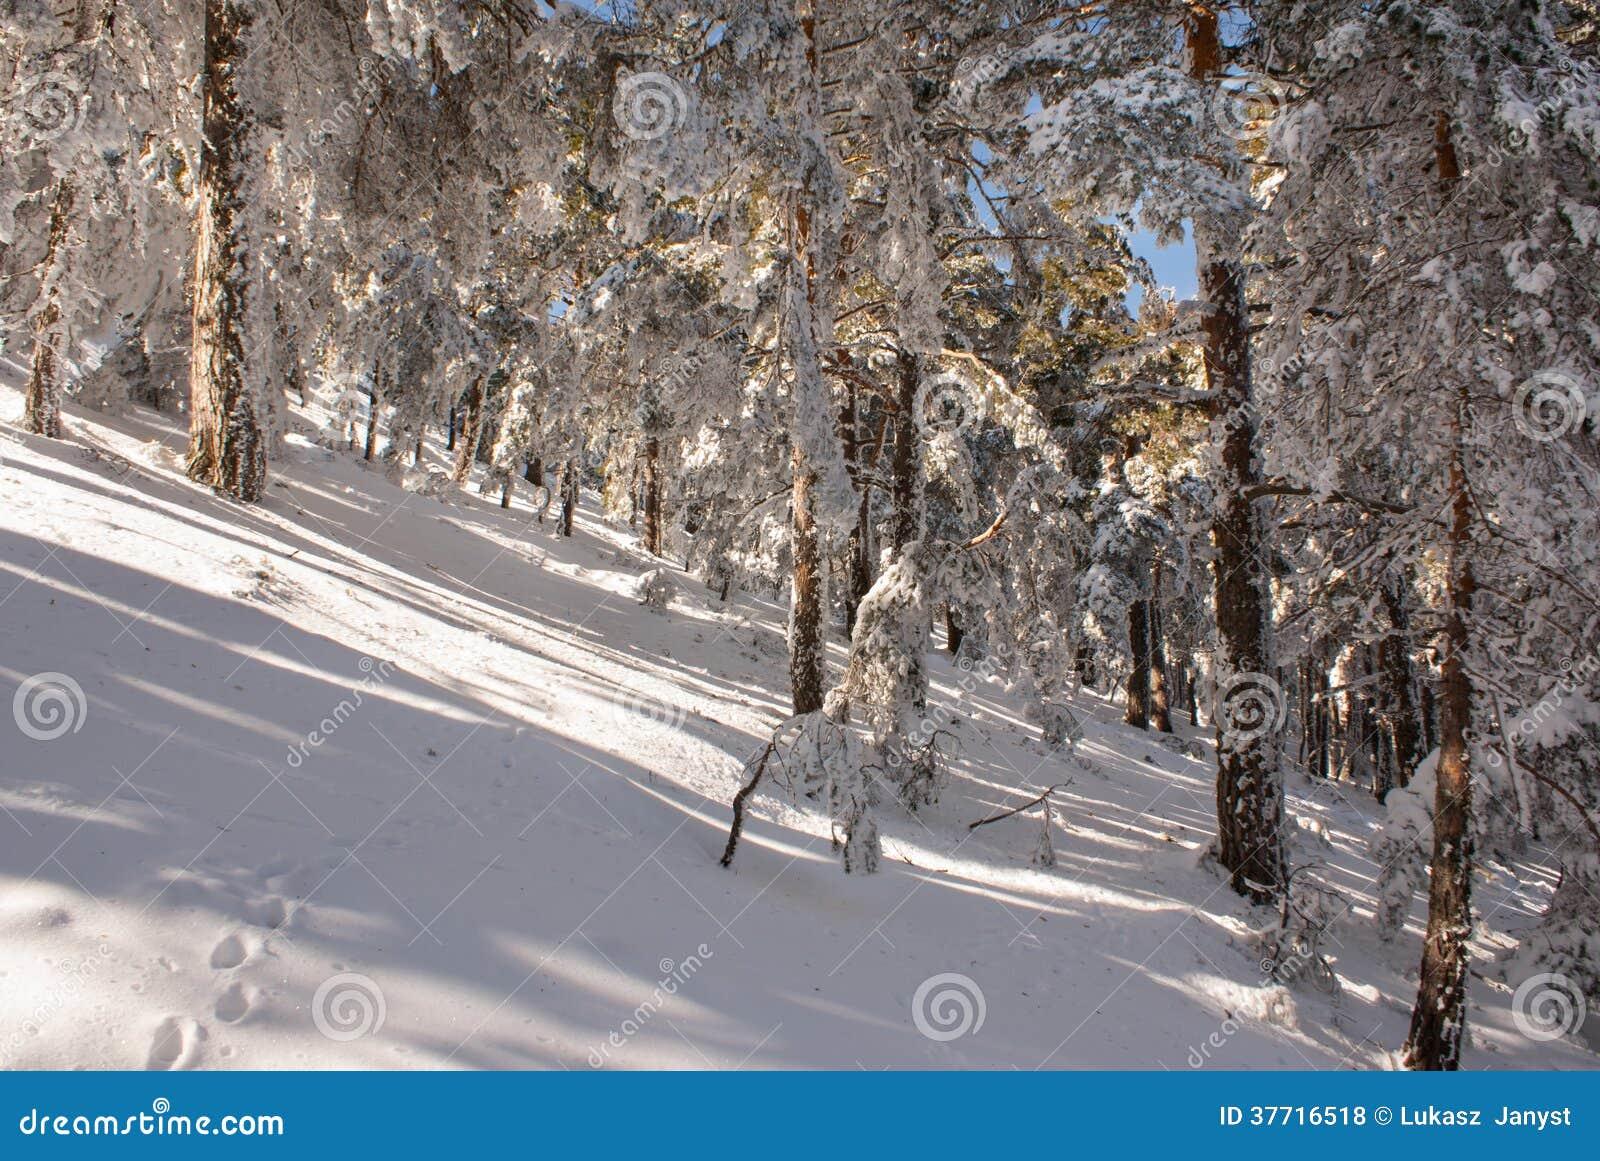 Navacerrada Spain  city photos gallery : Inverno Na Montanha Navacerrada Madrid, Spain Fotos de Stock Royalty ...